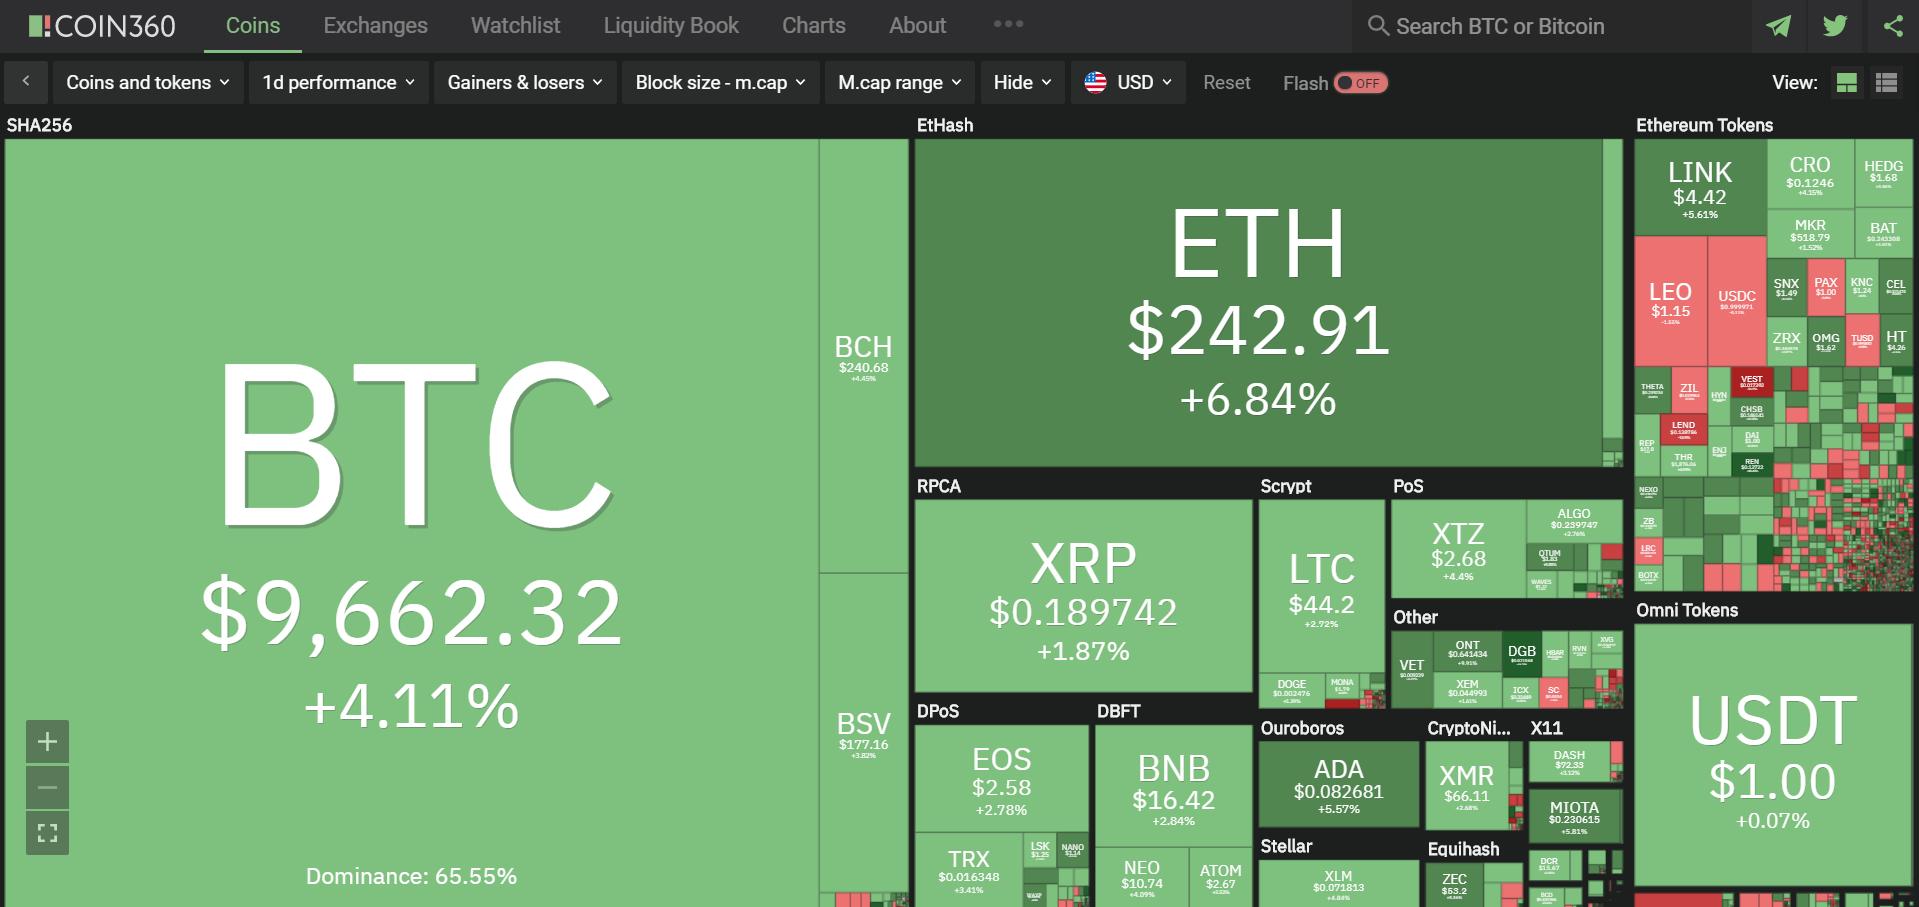 Toàn cảnh thị trường ngày 23/6 (nguồn: Coin360.com)